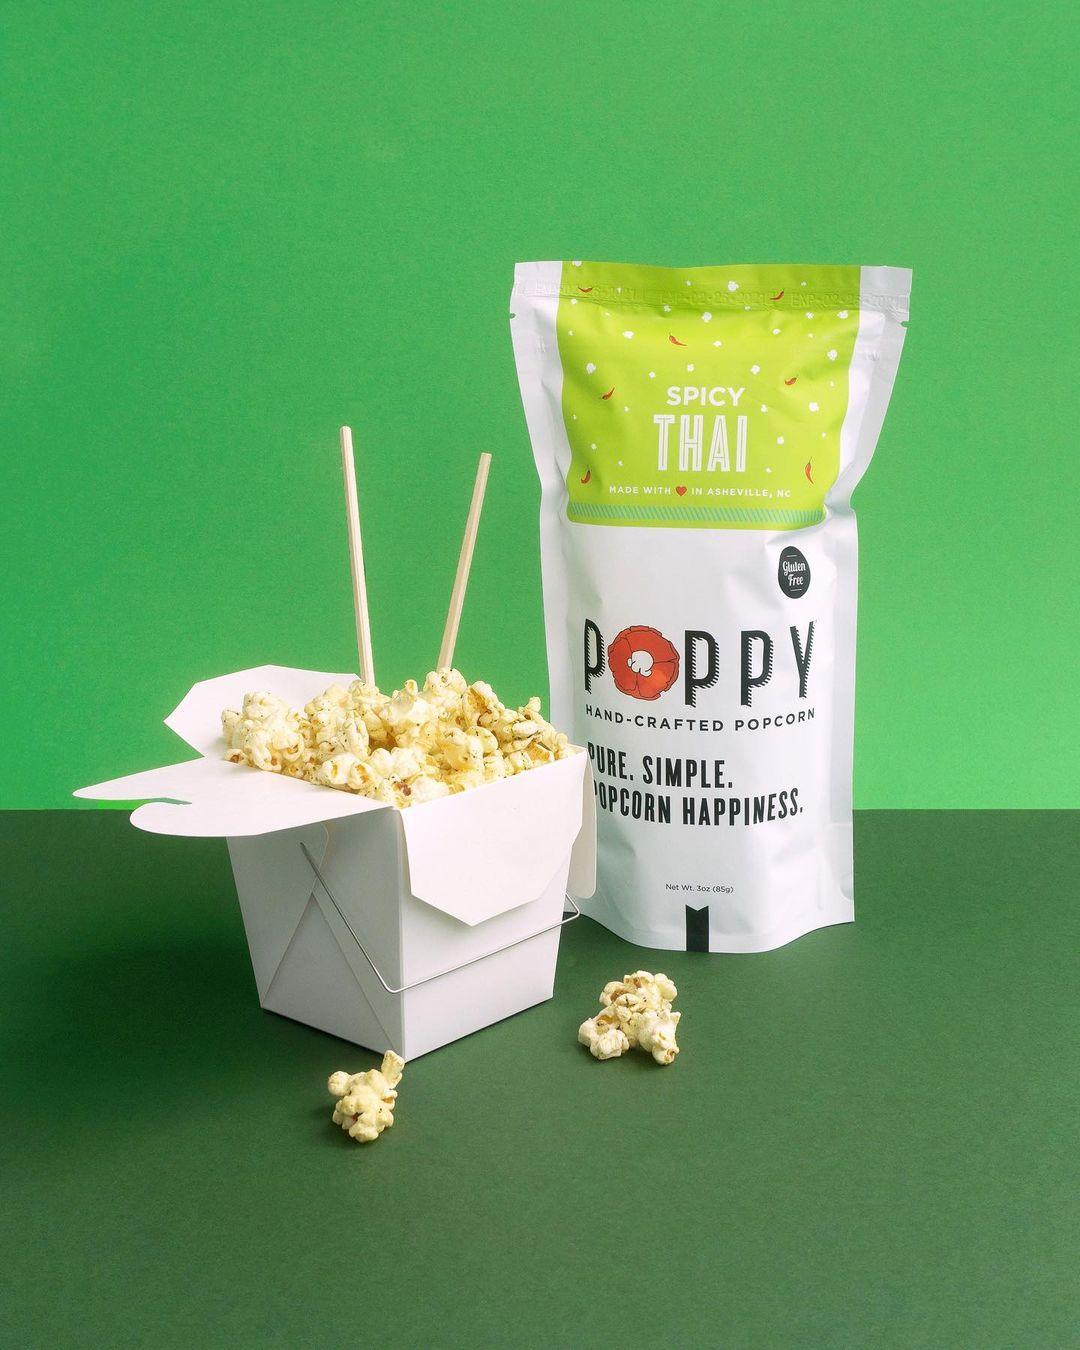 VegNews.PoppyPopcorn